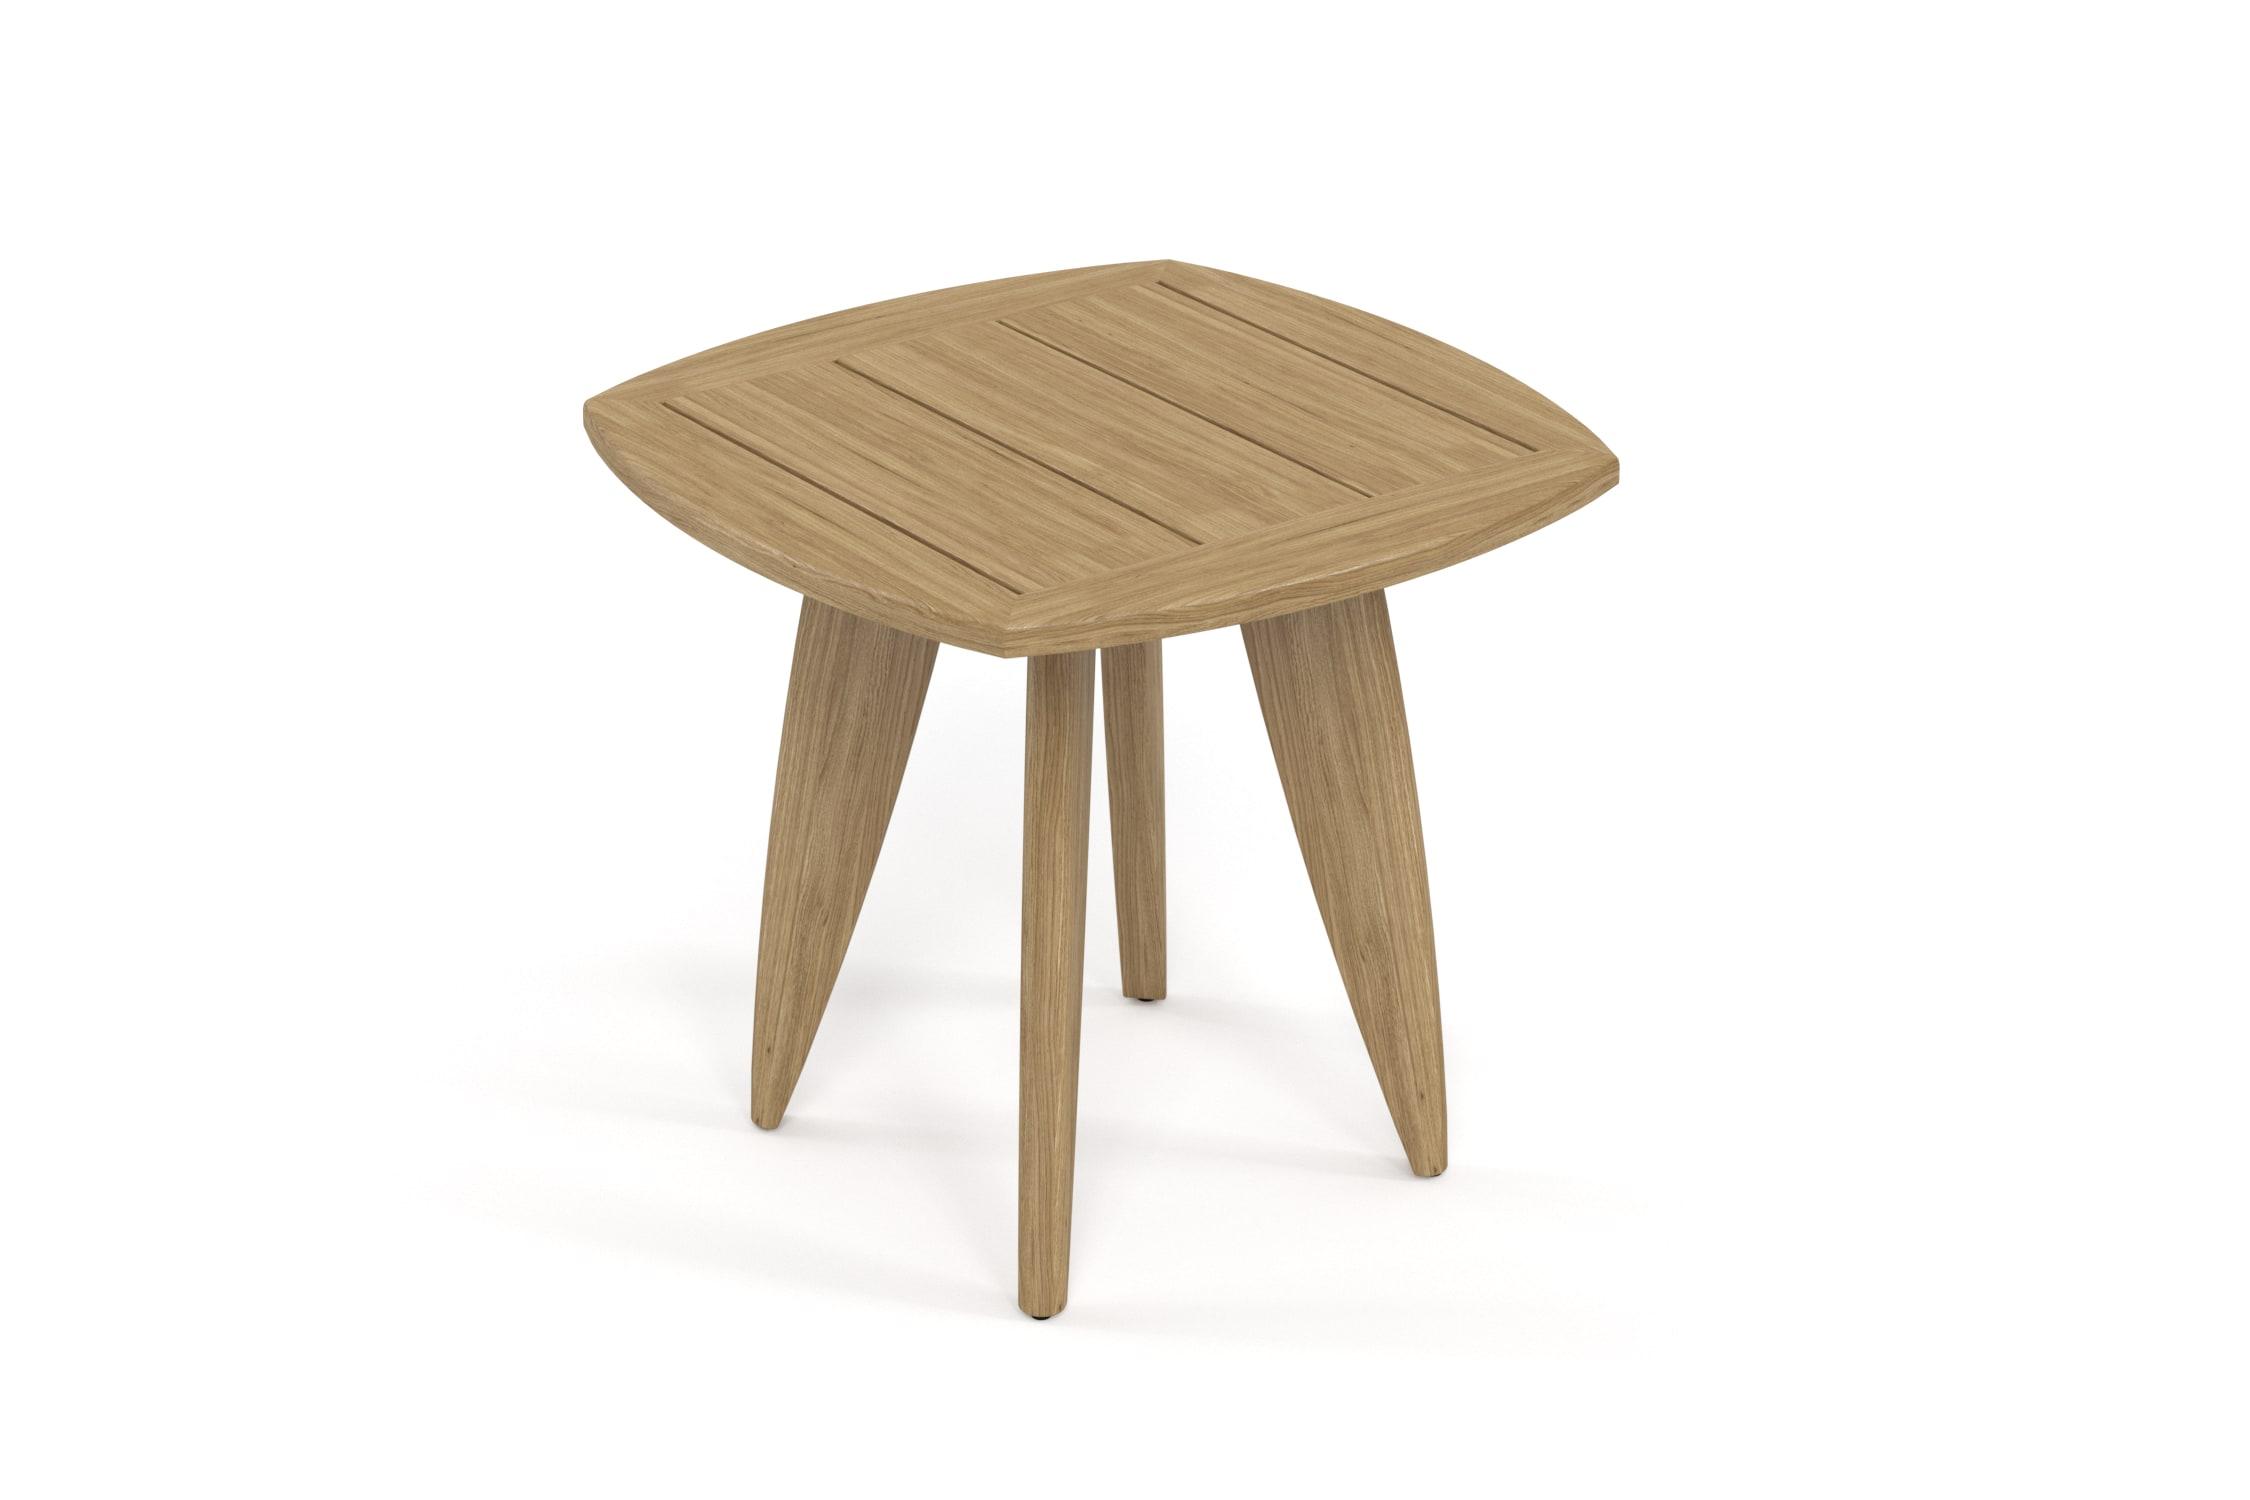 Столик придиванный ReefСтолы и столики для сада<br>&amp;lt;div&amp;gt;Коллекция REEF - уникальный дизайн, сочетающий в себе надежность, теплоту дерева и продуманность форм. Мягкие удобные подушки, выполненные в контрастной цветовой гамме, сразу привлекают внимание к уютному уголку отдыха. Коллекция универсальна: предназначена для уединения отдыха в тенистой зелени сада, неспешных обедов во внутреннем дворике или досуга у воды.&amp;amp;nbsp;&amp;lt;/div&amp;gt;&amp;lt;div&amp;gt;&amp;lt;br&amp;gt;&amp;lt;/div&amp;gt;&amp;lt;div&amp;gt;Ироко – экзотическая золотисто-коричневатая/оливково-коричневая древесина с золотистым оттенком. Цвет ироко практически не меняется со временем, немного темнеет и приобретает теплый маслянистый оттенок. По физическим свойствам не уступает тику. Древесина африканского тика не подвержена гниению и воздействию термитов, не требует дополнительной антибактериальной обработки. Мебель из ироко допускает круглогодичную эксплуатацию на открытом воздухе, выдерживает перепады температур от –30 до +30С. Срок службы более 20 лет.&amp;amp;nbsp;&amp;lt;/div&amp;gt;&amp;lt;div&amp;gt;&amp;lt;br&amp;gt;&amp;lt;/div&amp;gt;&amp;lt;div&amp;gt;Вся фурнитура изготовлена из нержавеющей стали на собственном производстве.&amp;amp;nbsp;&amp;lt;/div&amp;gt;&amp;lt;div&amp;gt;&amp;lt;br&amp;gt;&amp;lt;/div&amp;gt;<br><br>&amp;lt;iframe width=&amp;quot;530&amp;quot; height=&amp;quot;300&amp;quot; src=&amp;quot;https://www.youtube.com/embed/uL9Kujh07kc&amp;quot; frameborder=&amp;quot;0&amp;quot; allowfullscreen=&amp;quot;&amp;quot;&amp;gt;&amp;lt;/iframe&amp;gt;<br><br>Material: Ироко<br>Ширина см: 53<br>Высота см: 51.0<br>Глубина см: 53